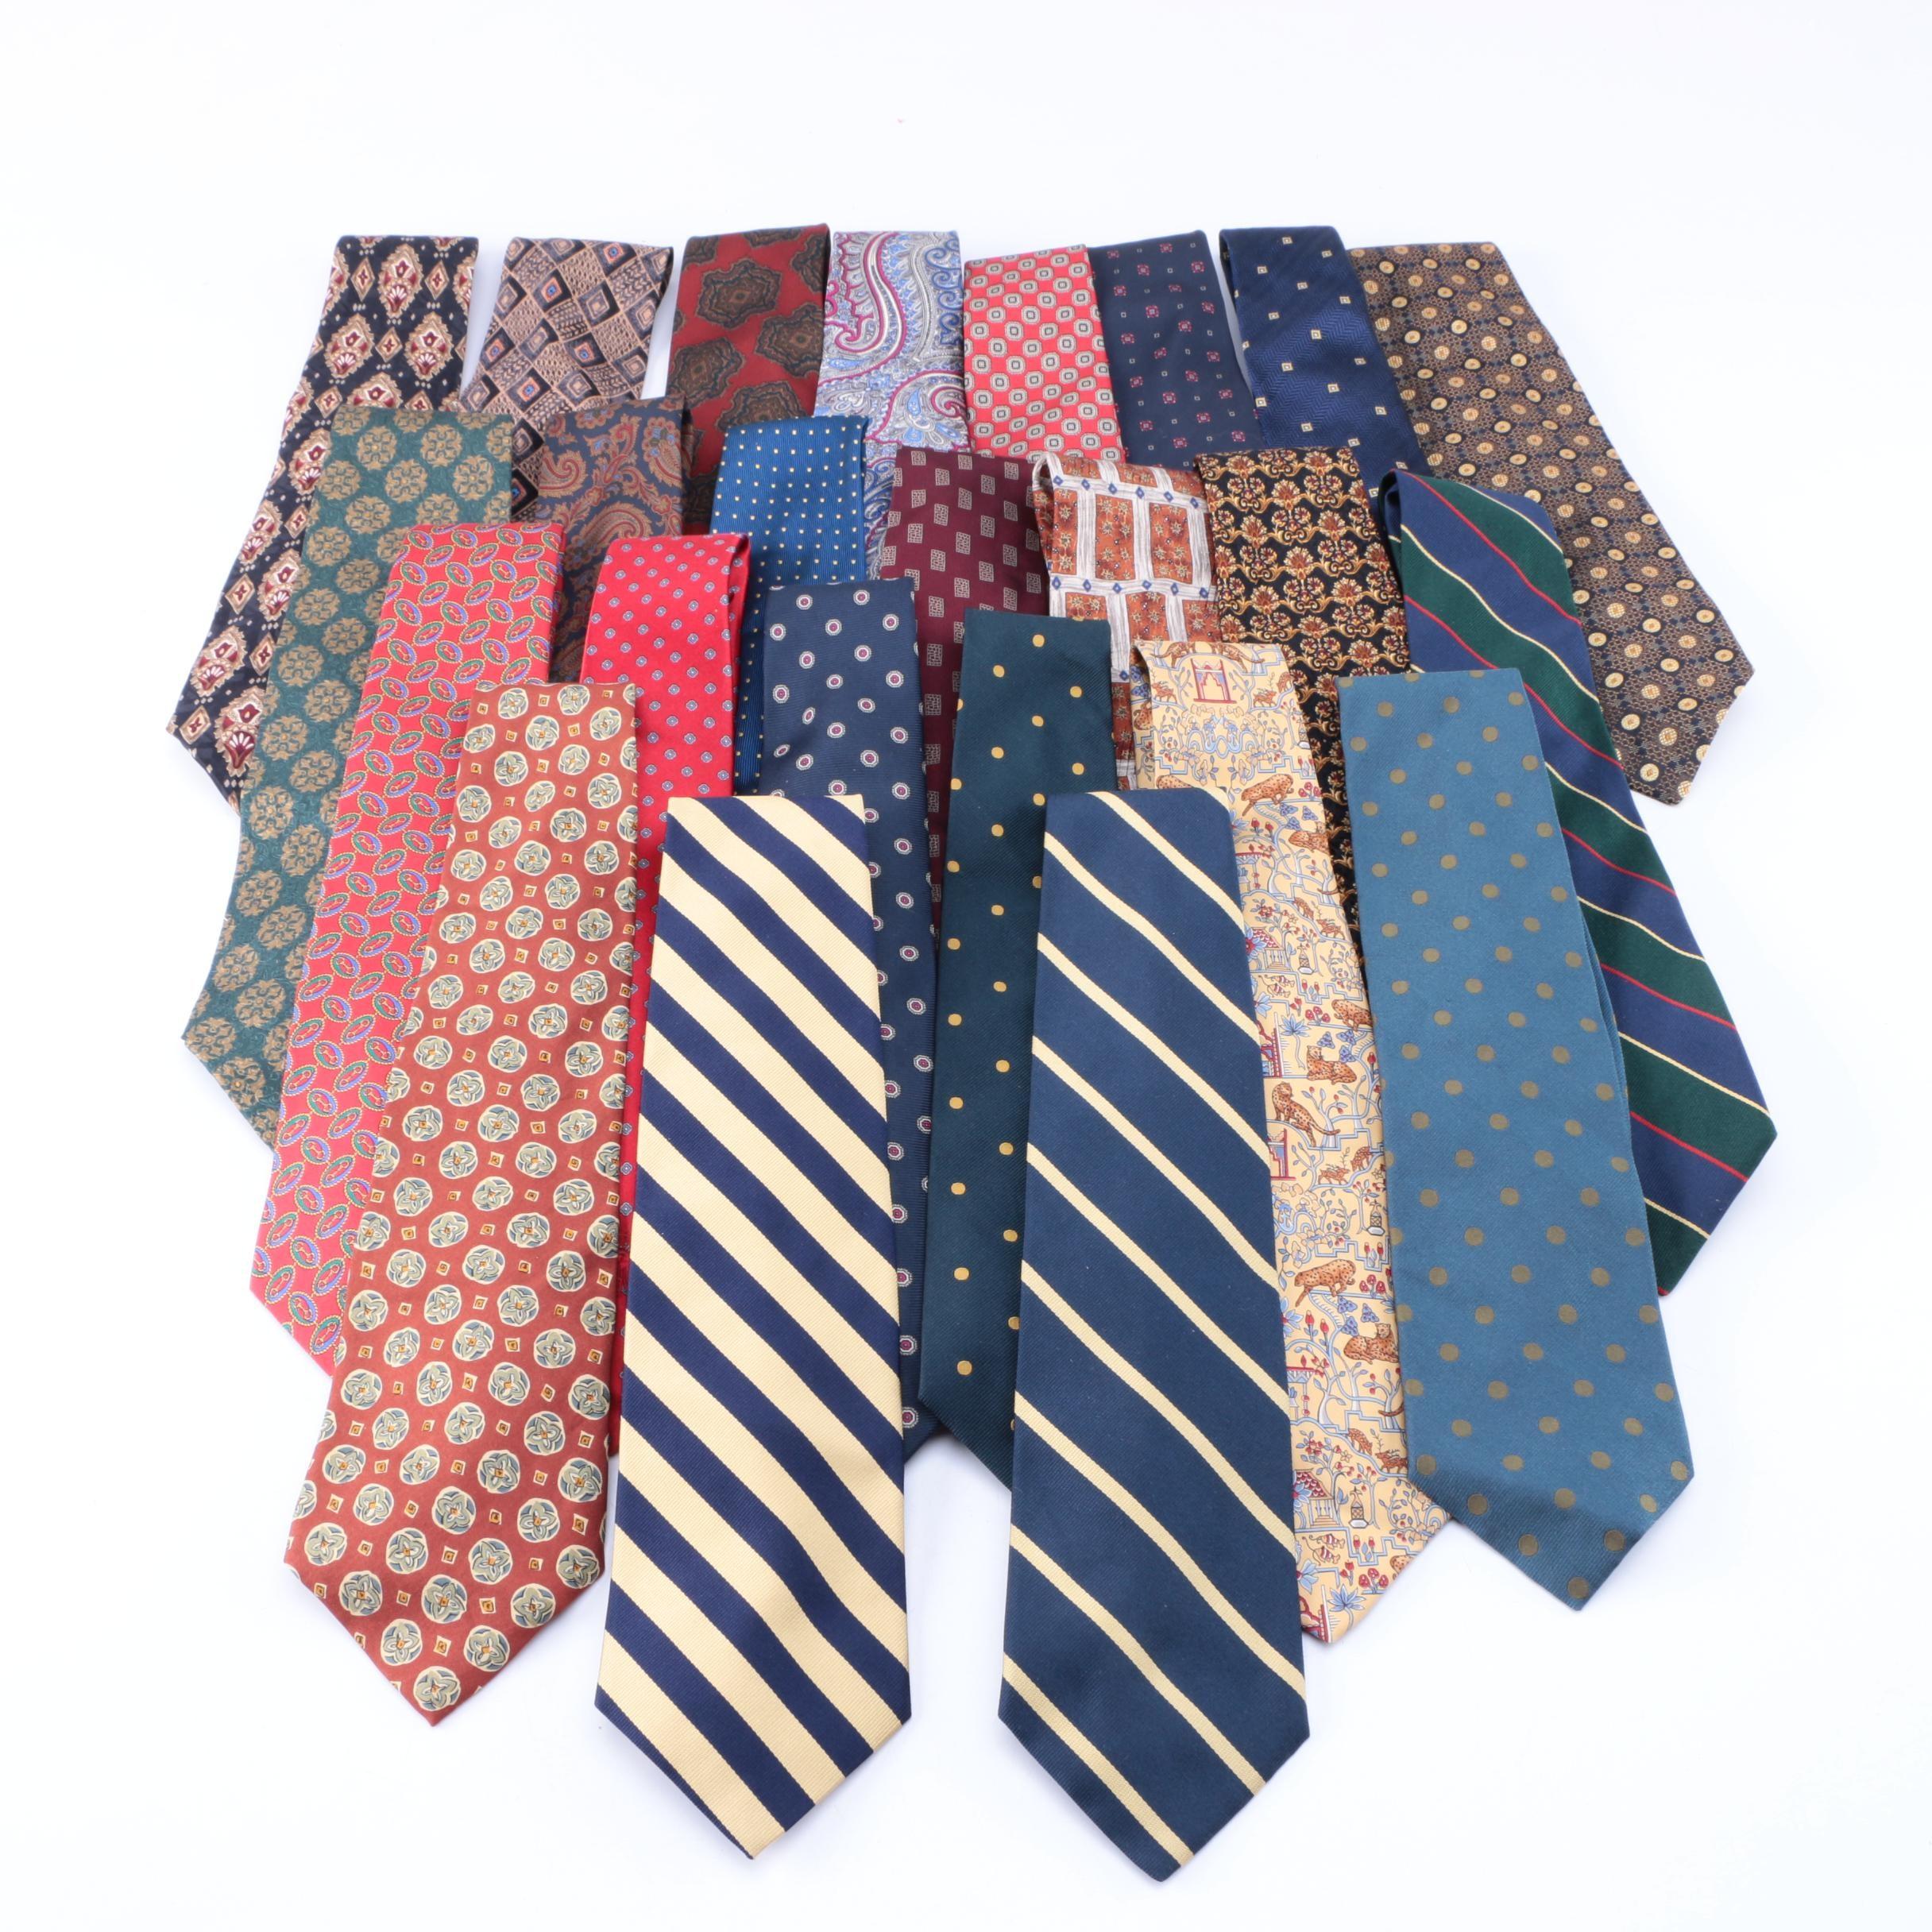 Men's Neckties Including Salvatore Ferragamo and Burberrys